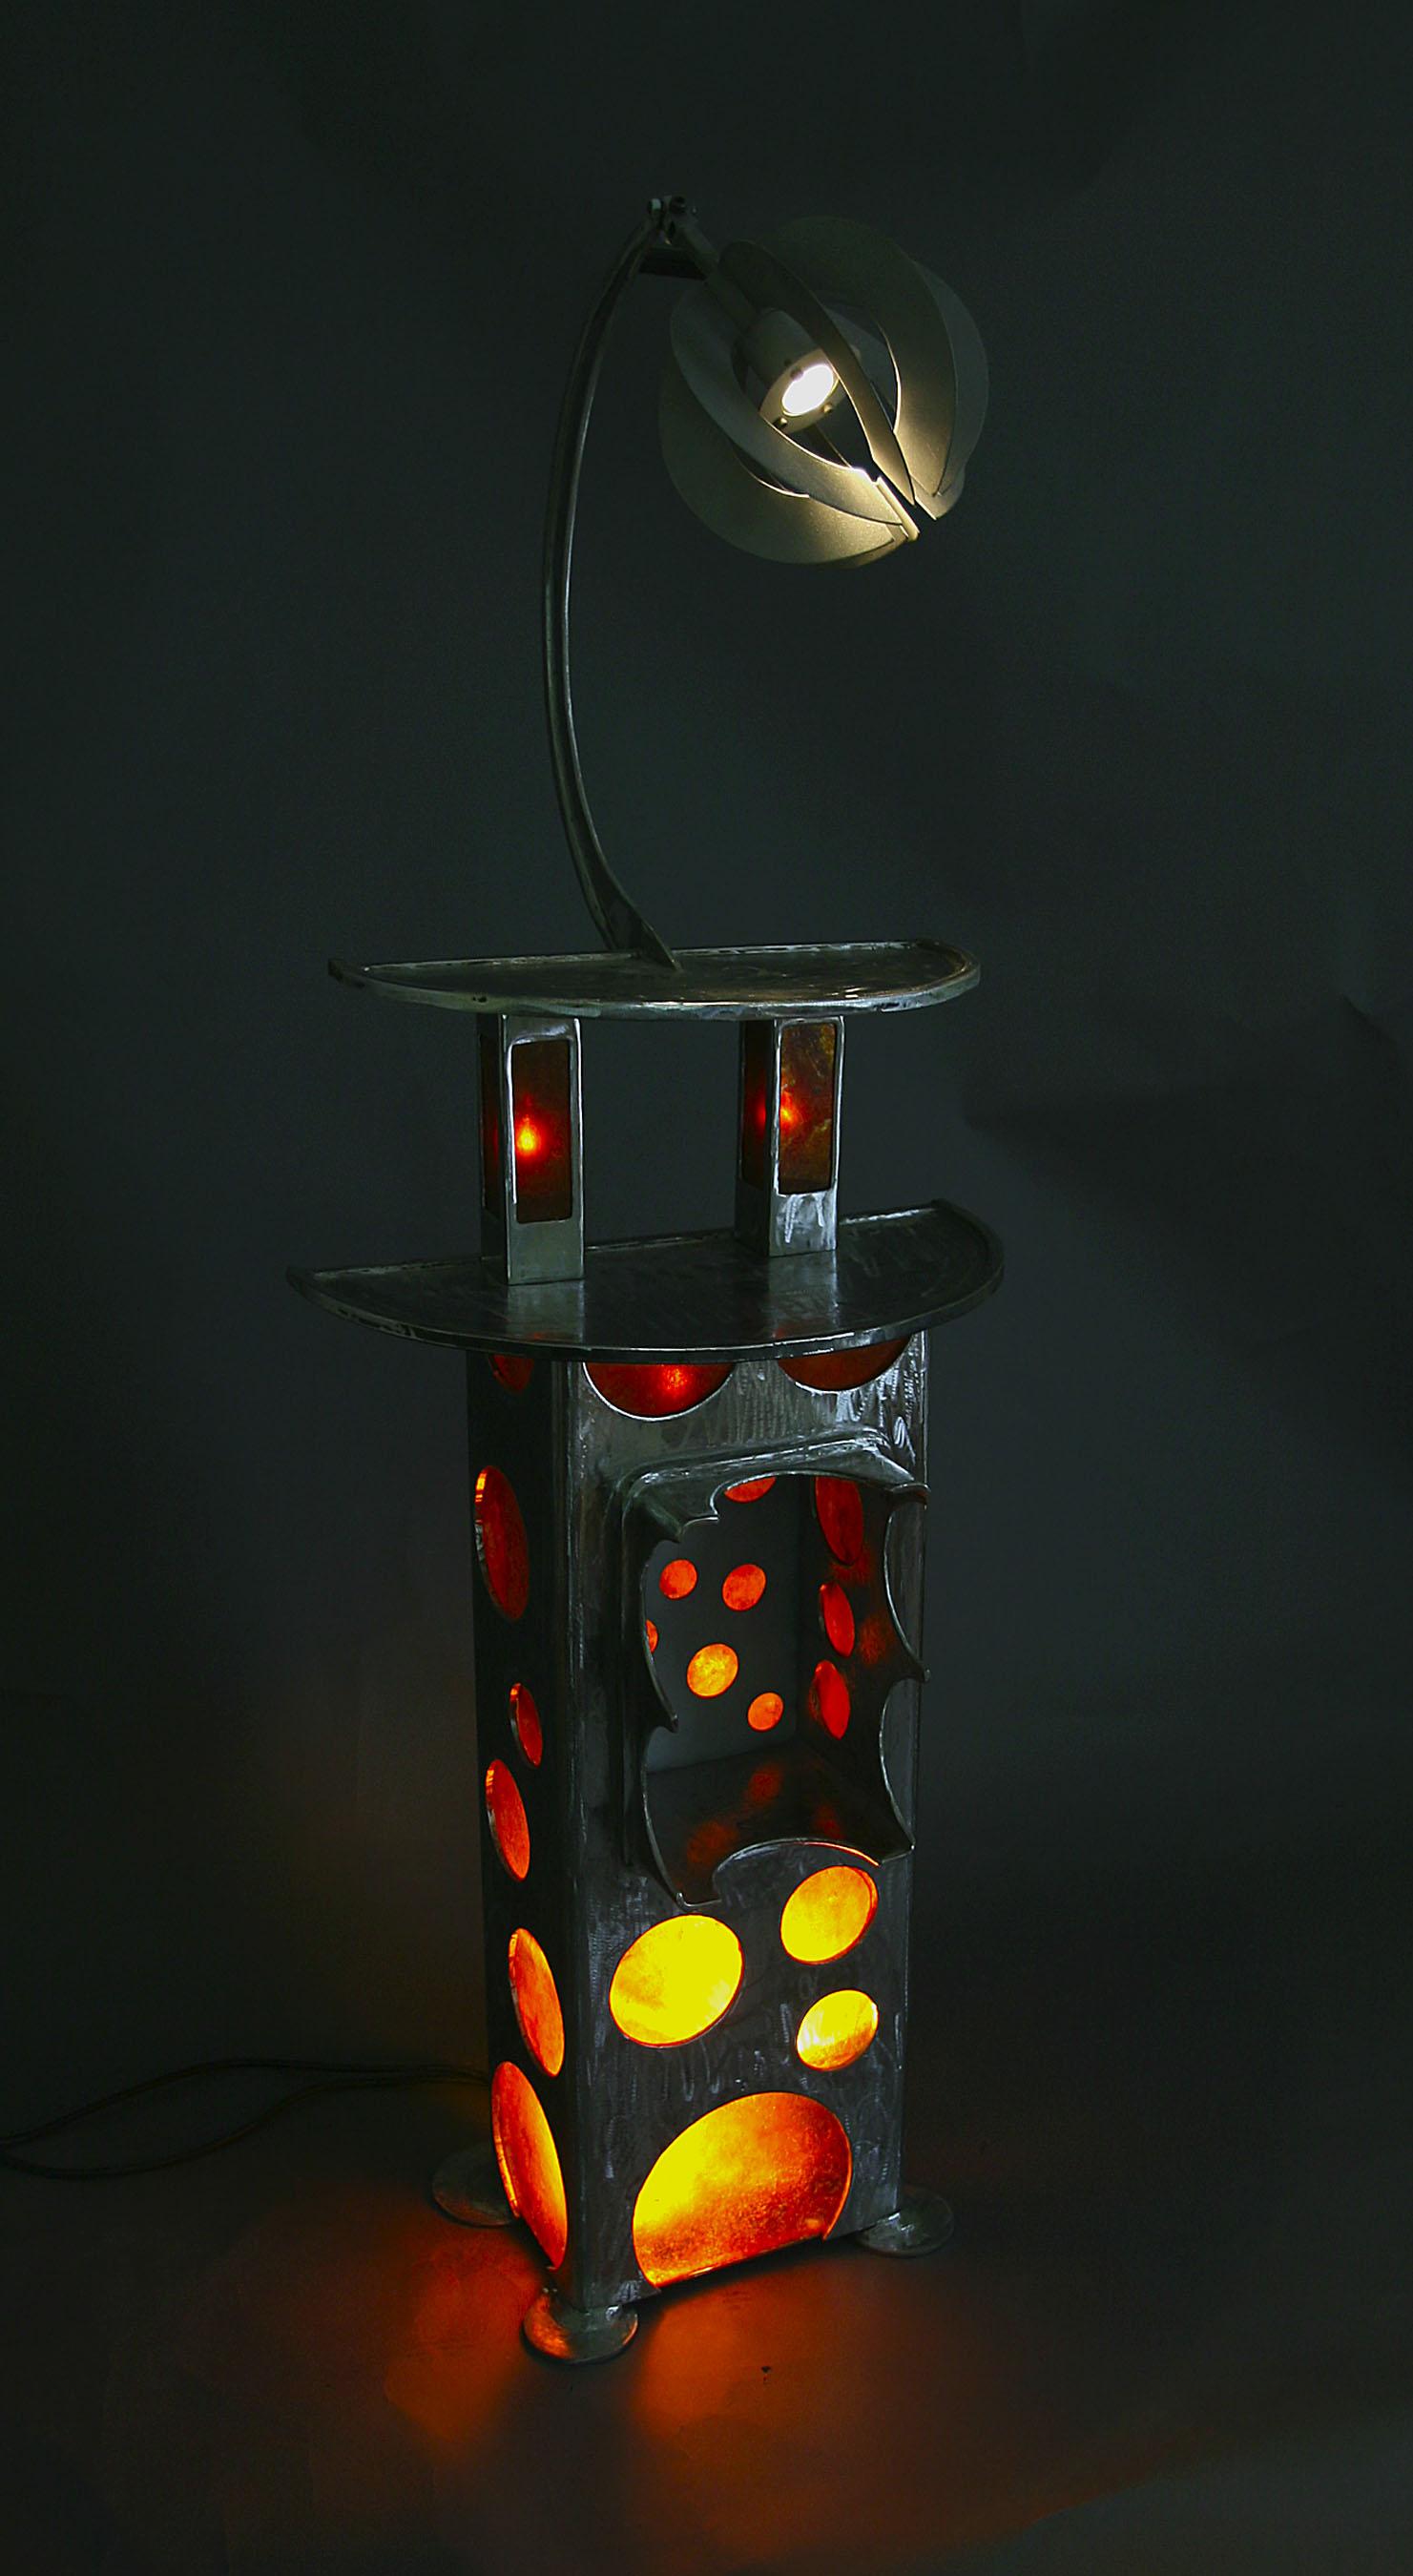 death_lamp2.jpg